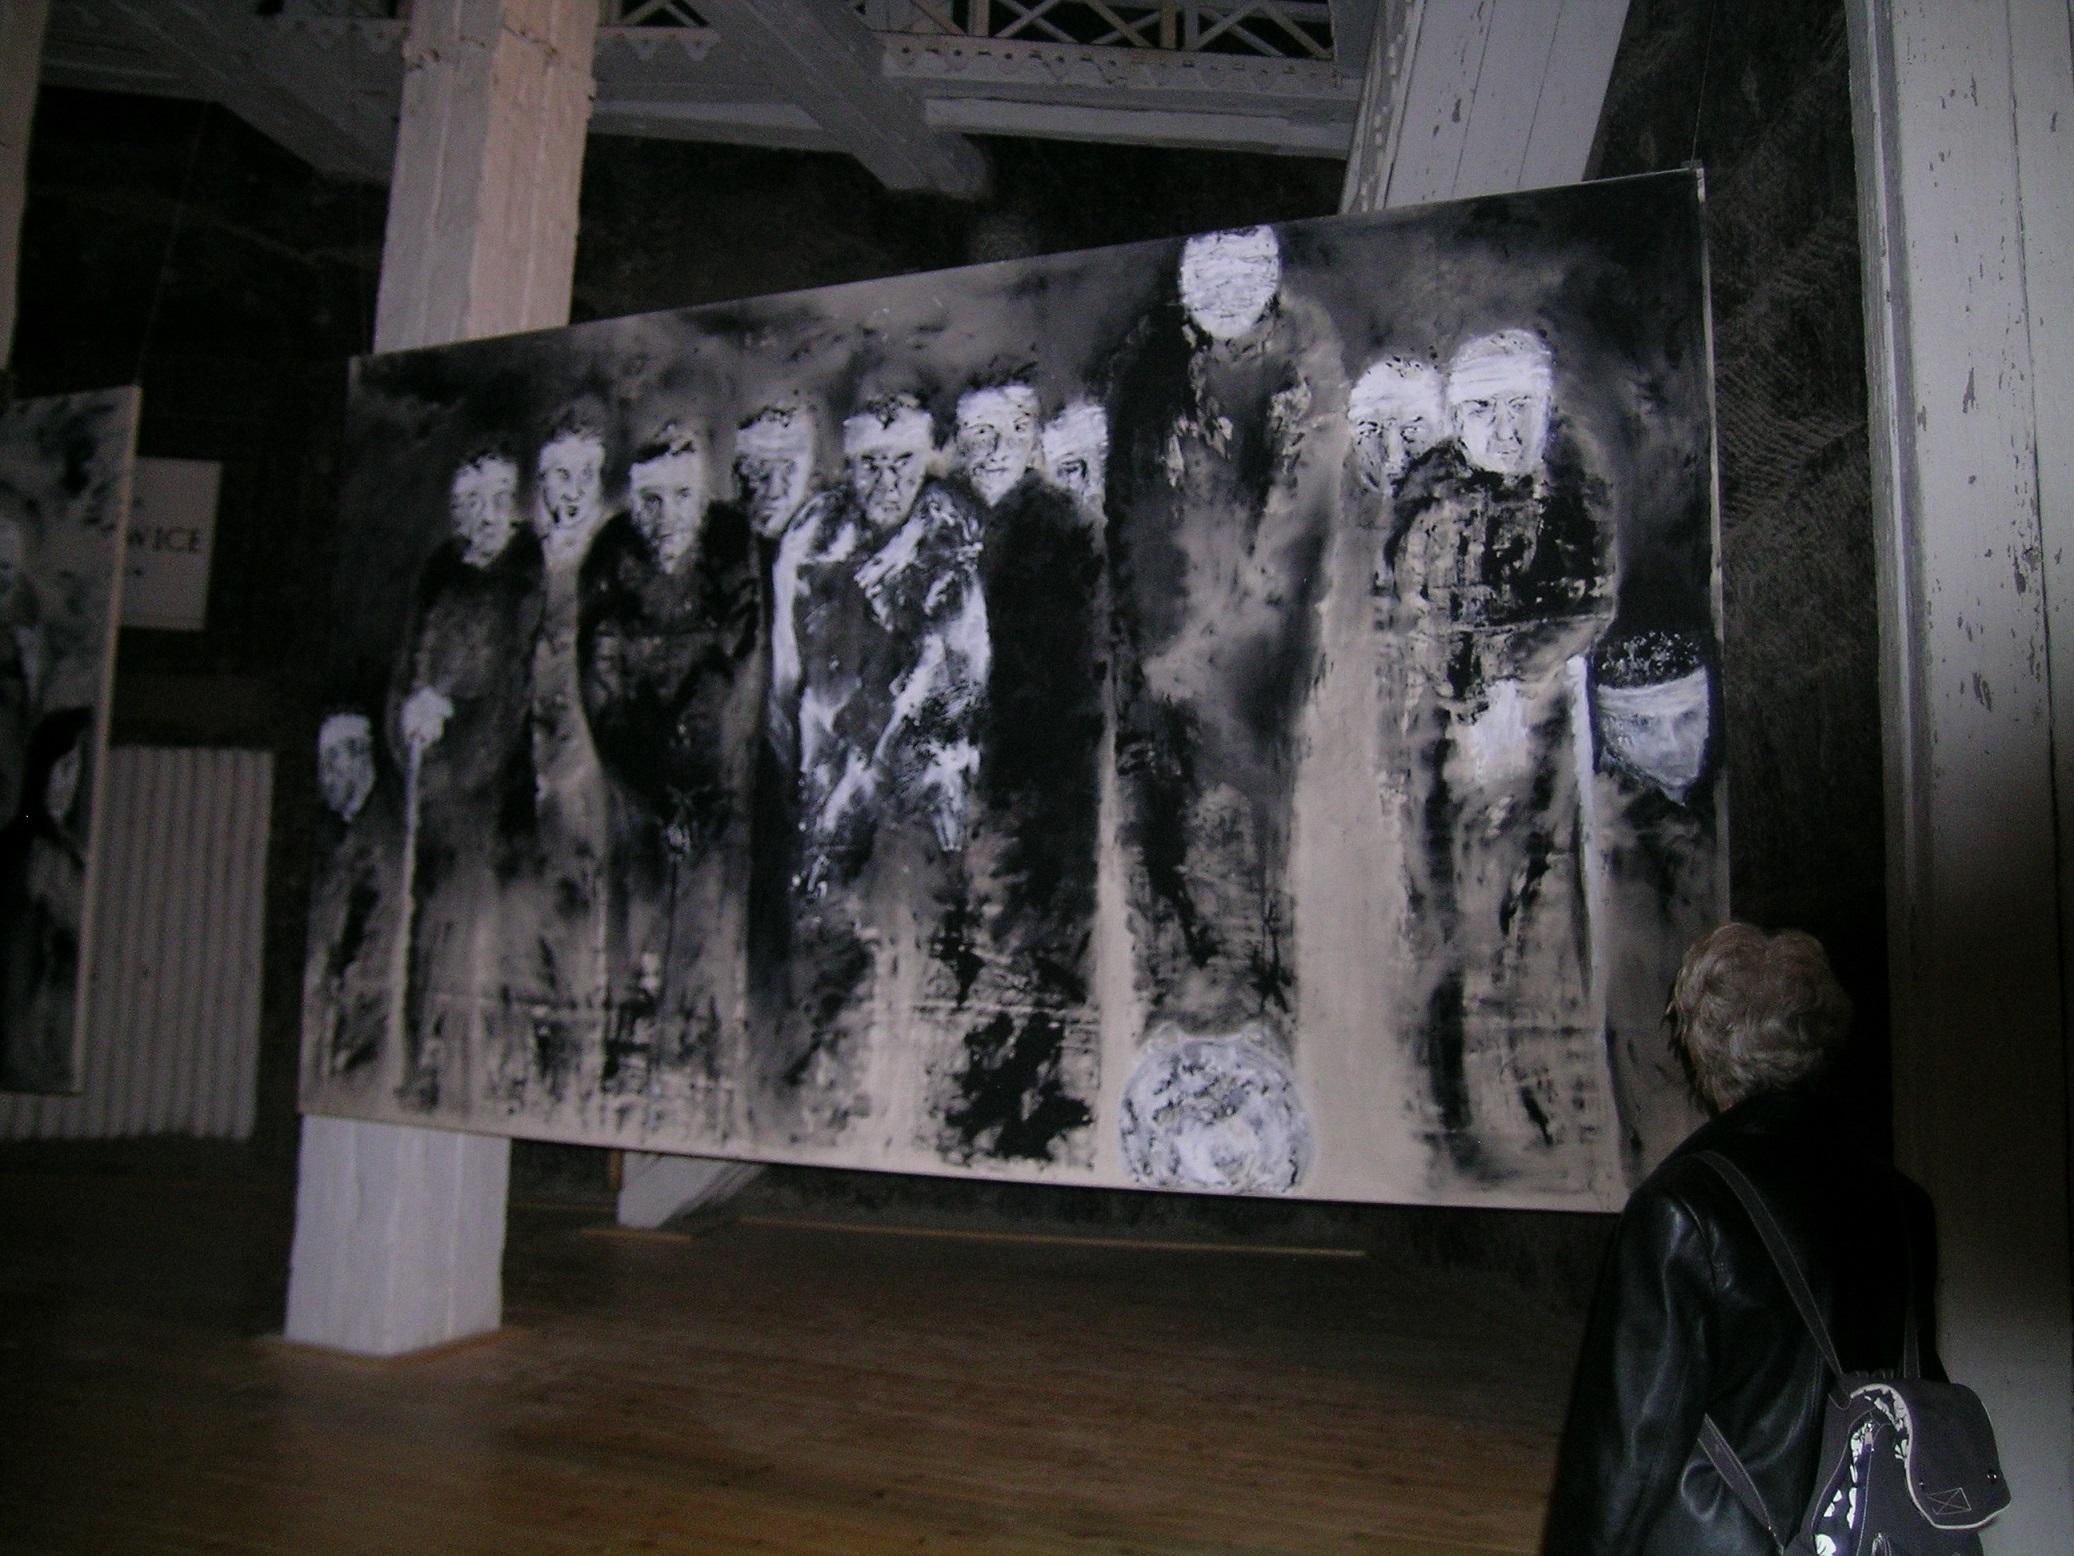 Filmlerini ( Deep End, The Shout, Moonlighting, Essential Killing) beğendiğim Skolimowski'nin ressamlığından, tablolarını Krakov'u gezerken gittiğim Wieliczka Tuz Madeni'ndeki sergiyi görünce haberim oldu.